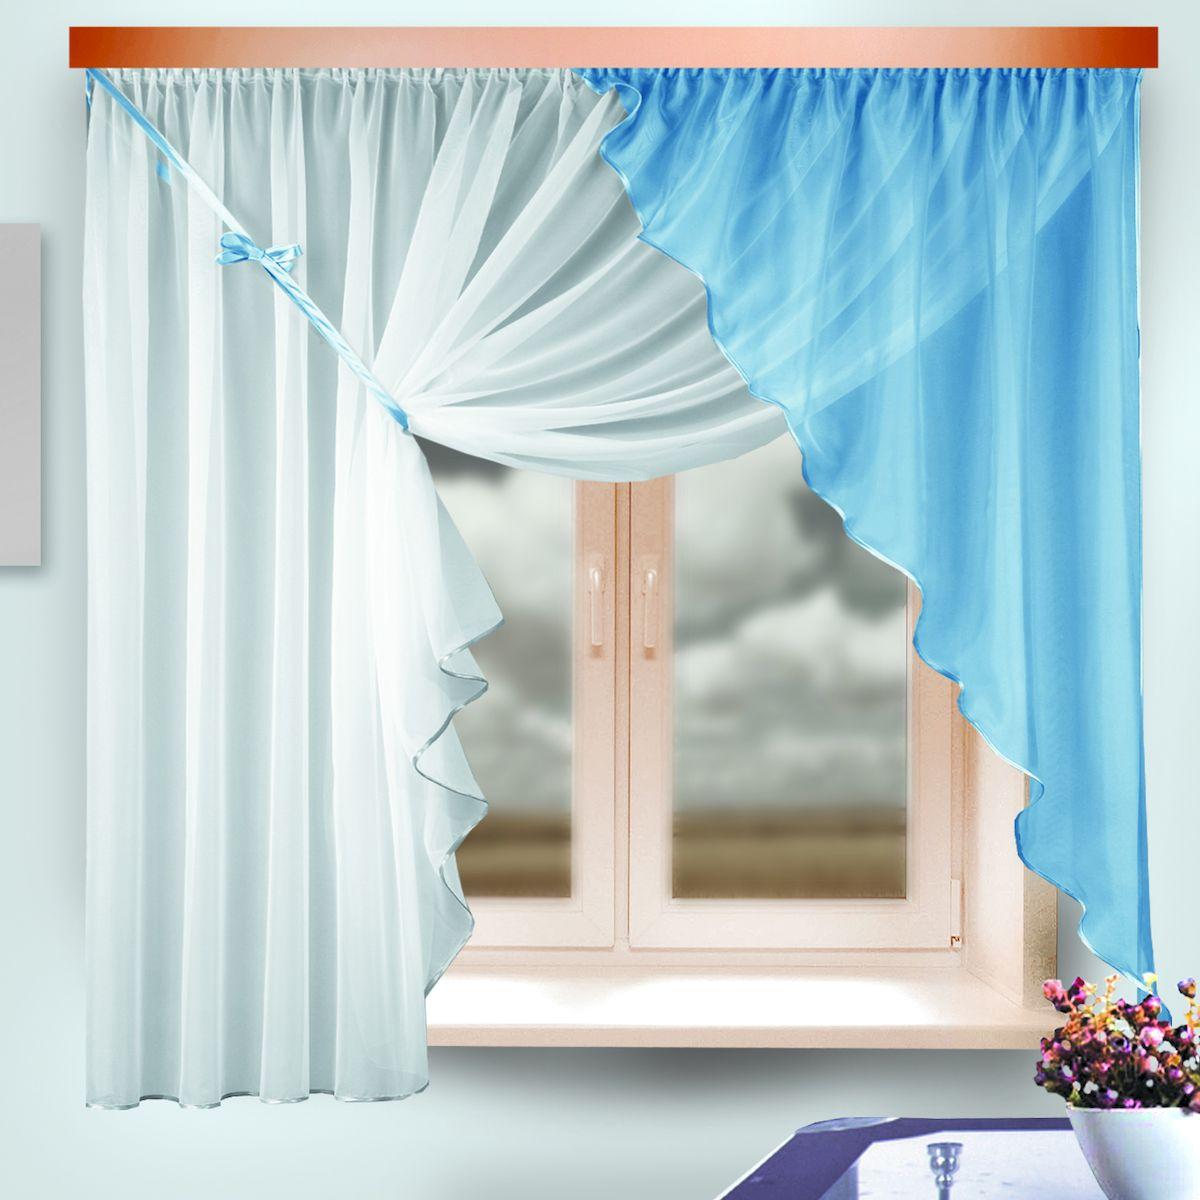 Комплект штор для кухни Zlata Korunka, на ленте, цвет: белый, голубой, высота 170 см. 33331039111214300Комплект штор для кухни Zlata Korunka, выполненный из полиэстера, великолепно украсит любое окно. Комплект состоит из ламбрекена и тюля. Оригинальный крой и приятная цветовая гамма привлекут к себе внимание и органично впишутся в интерьер помещения. Этот комплект будет долгое время радовать вас и вашу семью!Комплект крепится на карниз при помощи ленты, которая поможет красиво и равномерно задрапировать верх.В комплект входит: Ламбрекен: 1 шт. Размер (Ш х В): 142 х 170 см. Тюль: 1 шт. Размер (Ш х В): 290 х 170 см.